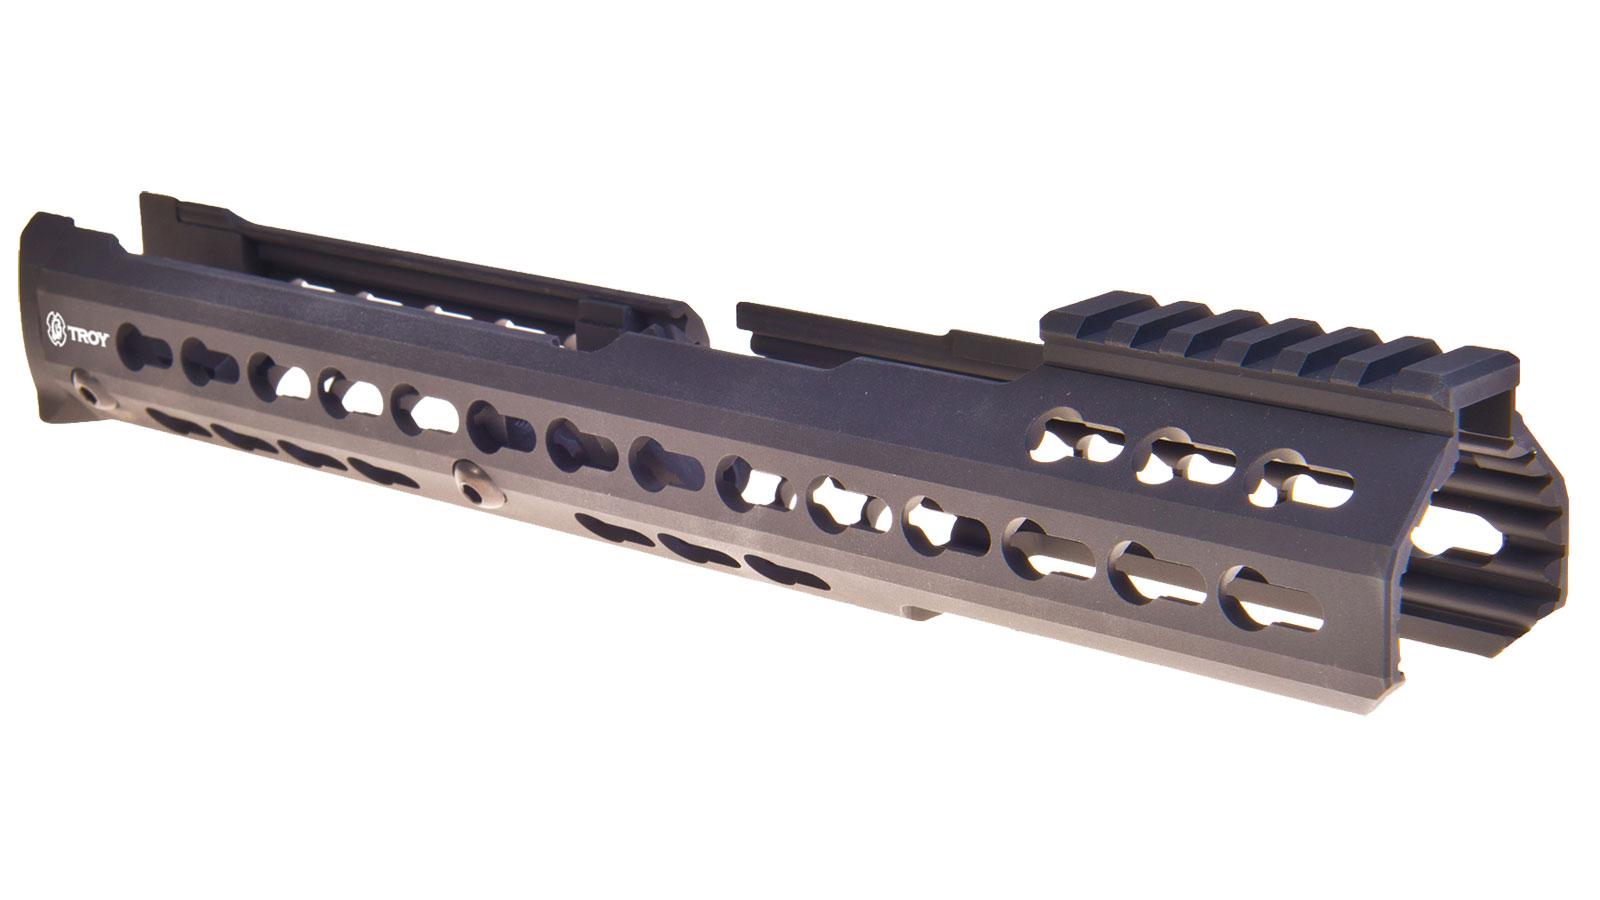 Troy SRAIAKKLBBT00 BattleRail AK47